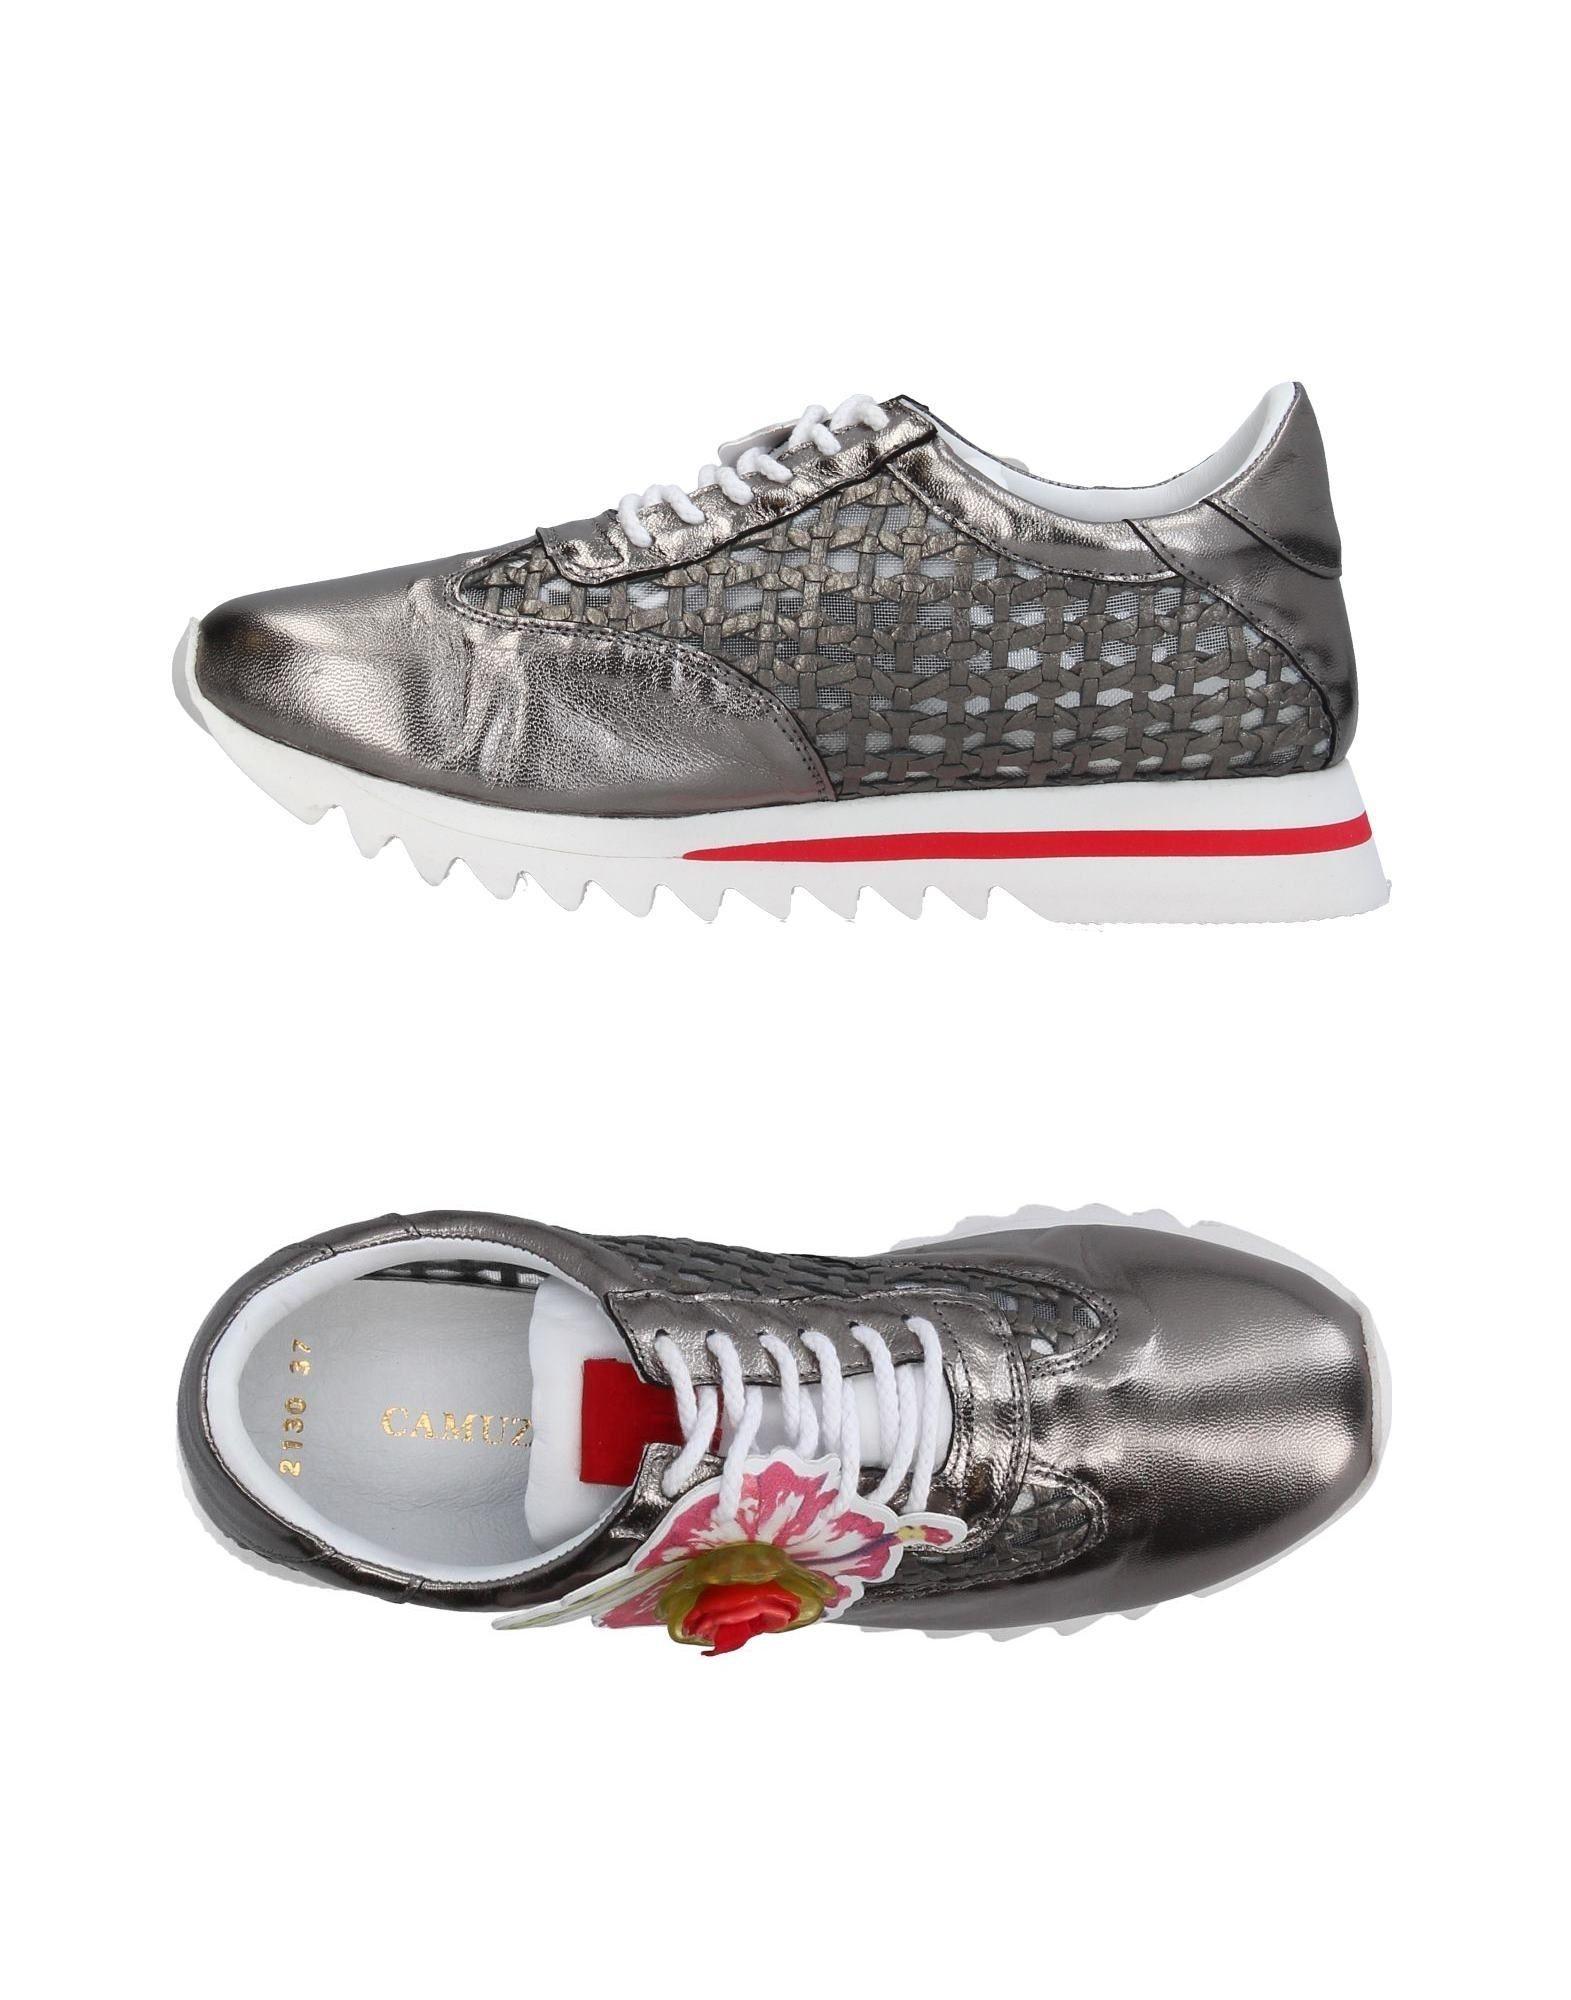 Scarpe economiche e resistenti Sneakers Camuzares Donna - 11403981KS